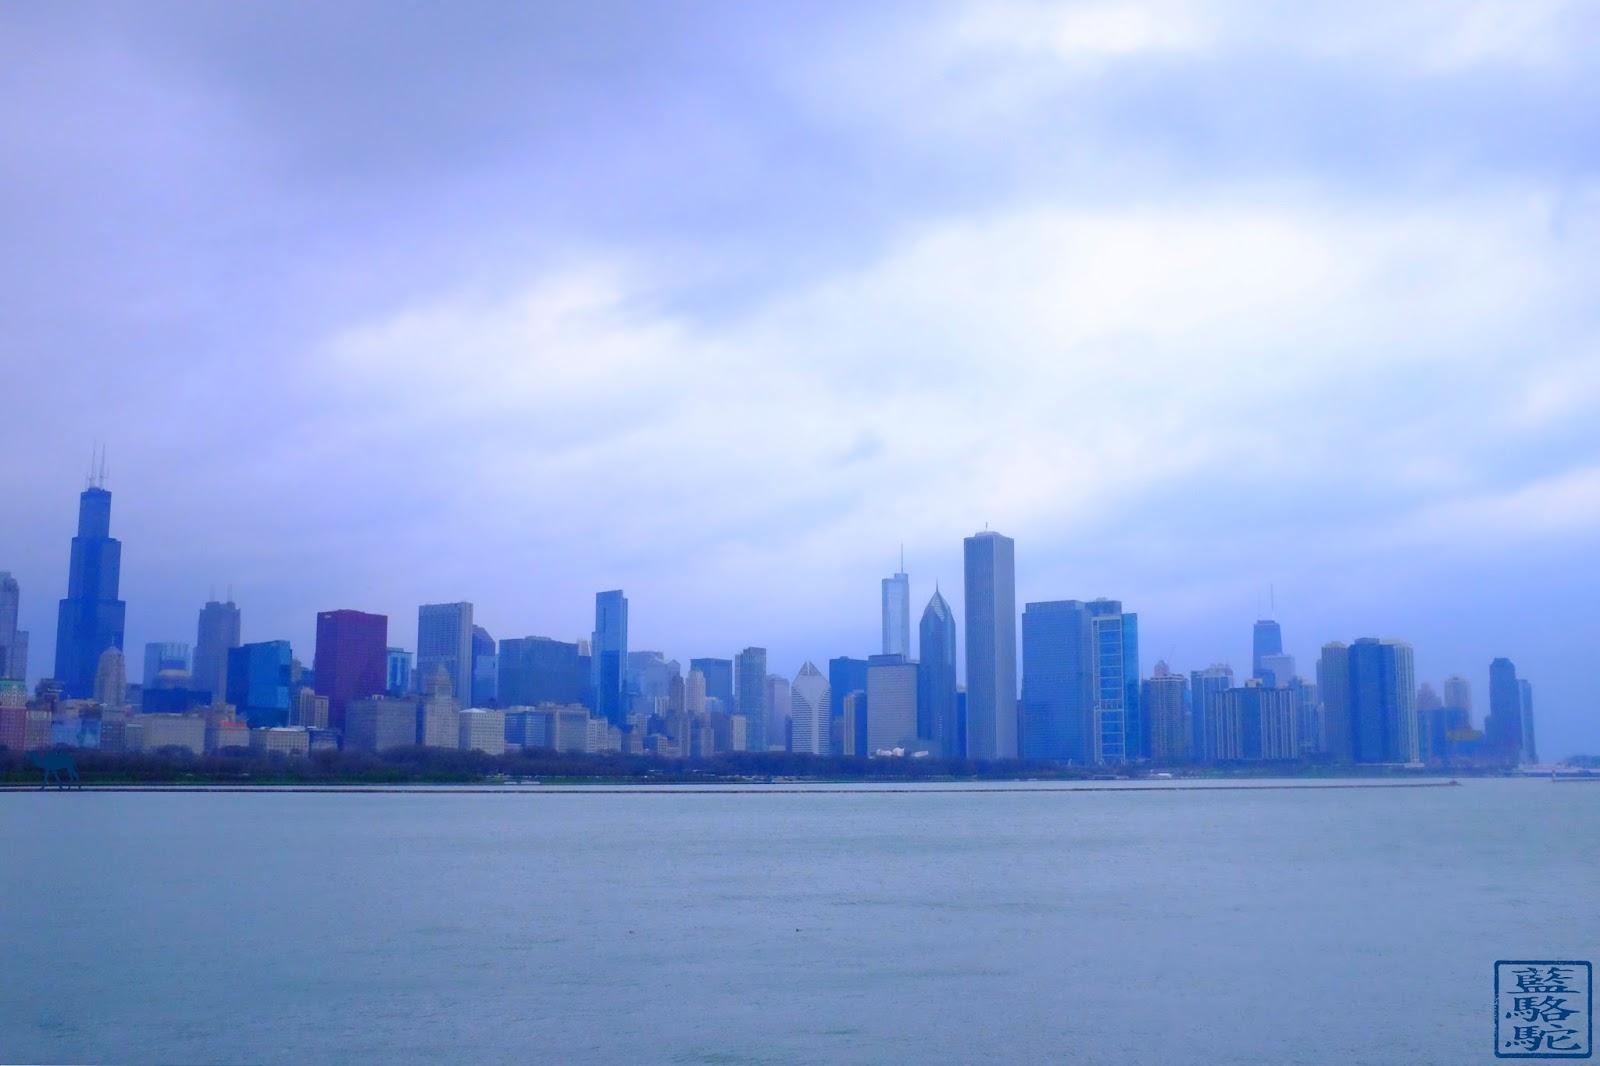 Le Chameau Bleu - Vacances à Chicago - Vue sur la ville